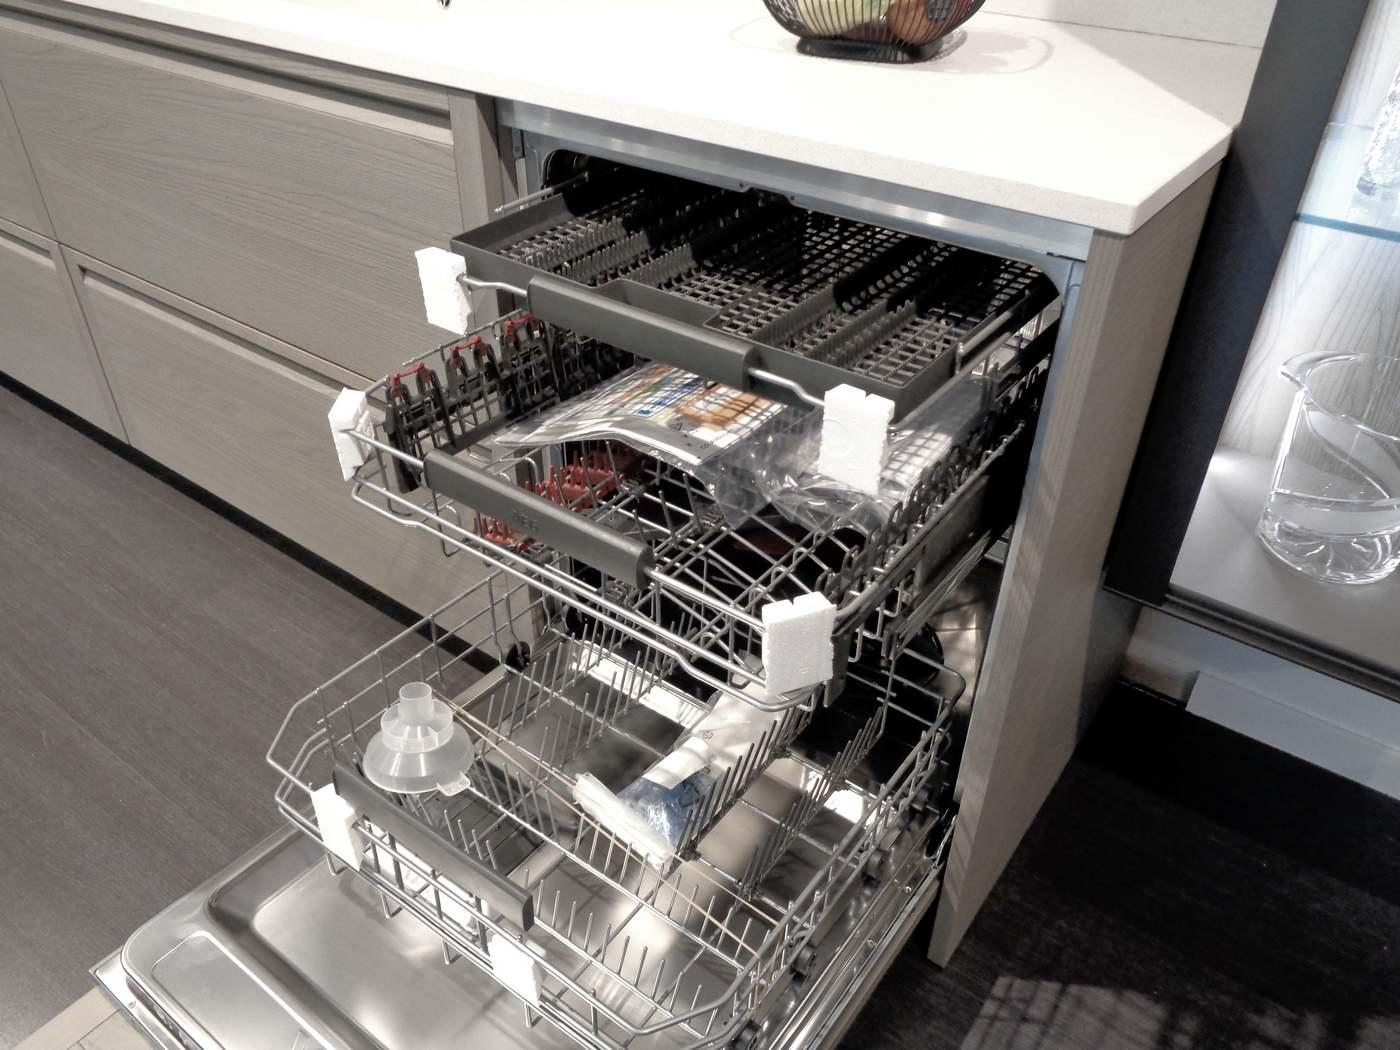 lavastoviglie AEG con terzo cestello per le posate